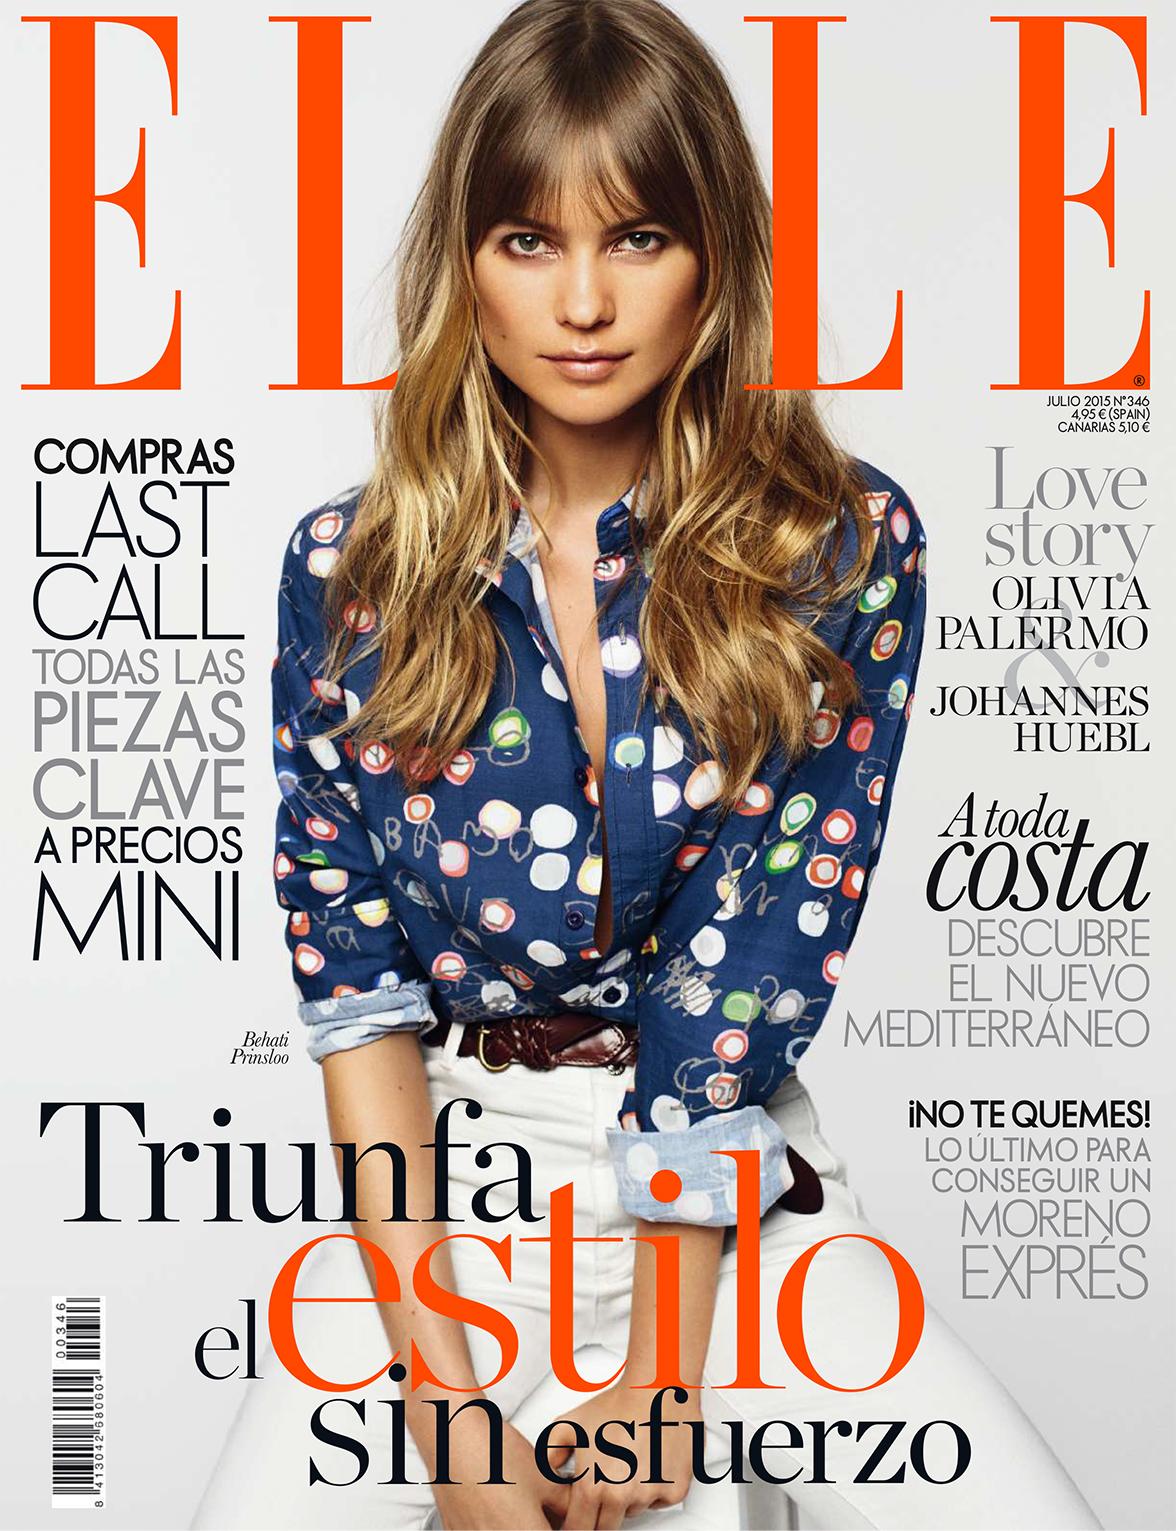 Behati Elle Spain Cover DK.jpg